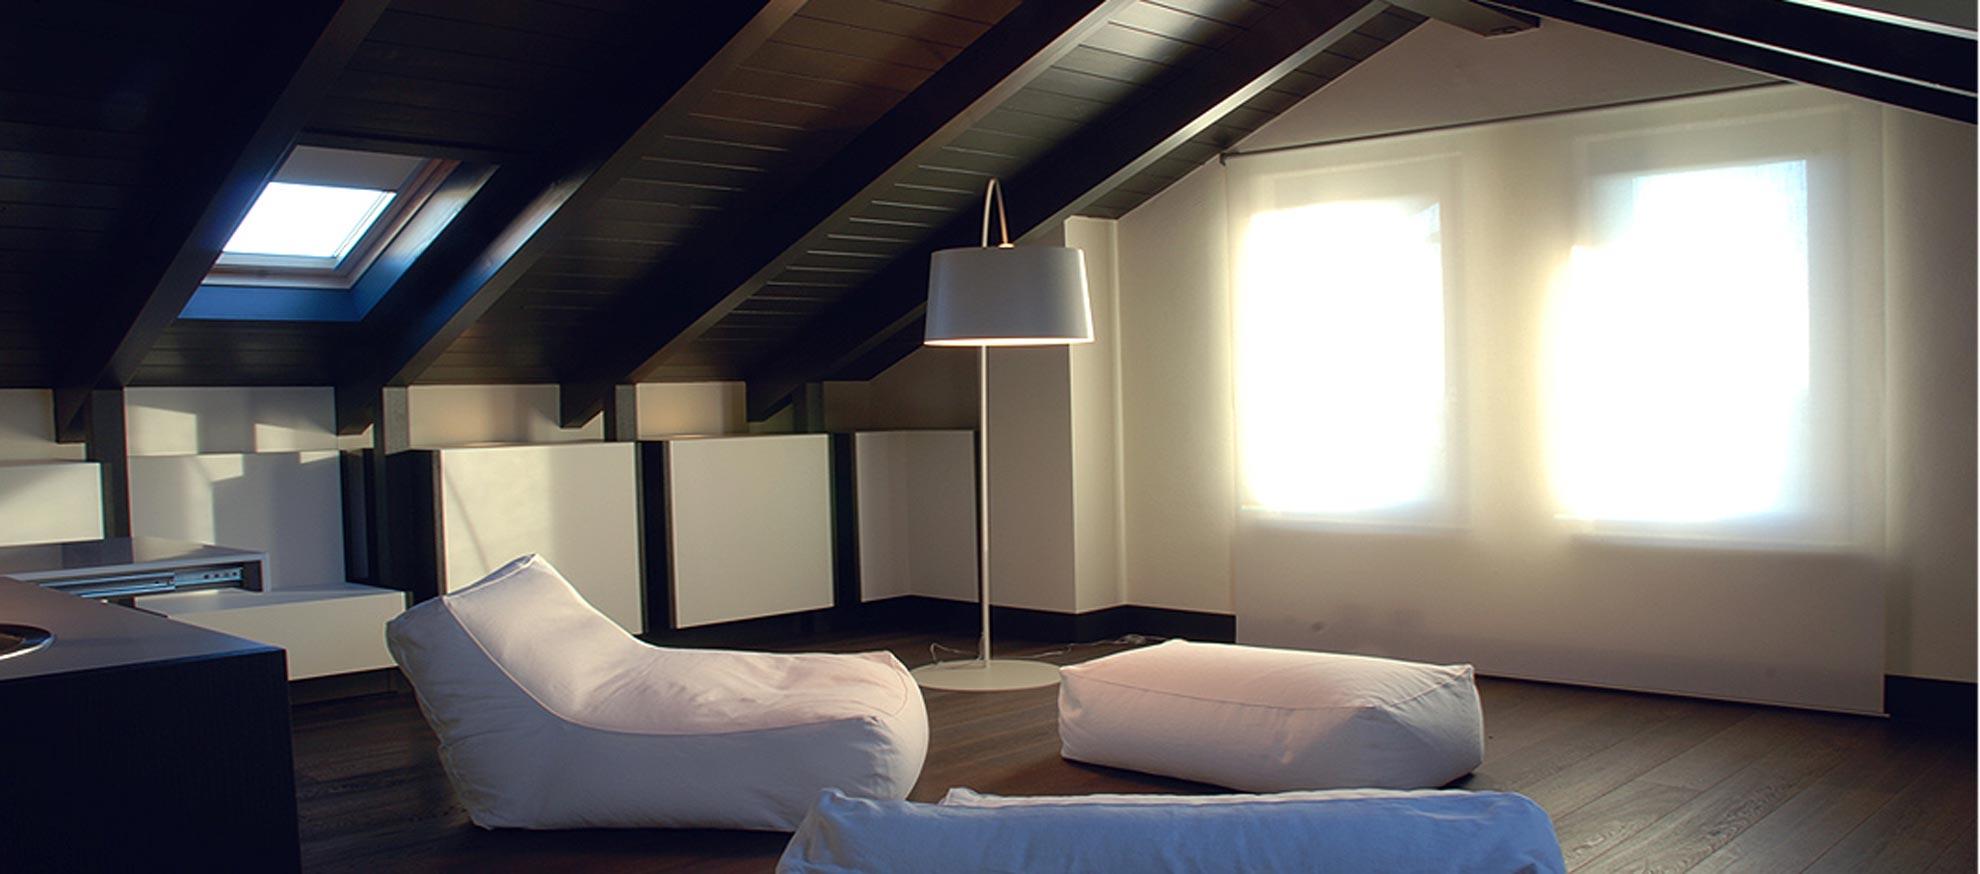 Una mansarda open architetto andrea bella - Interior design torino ...